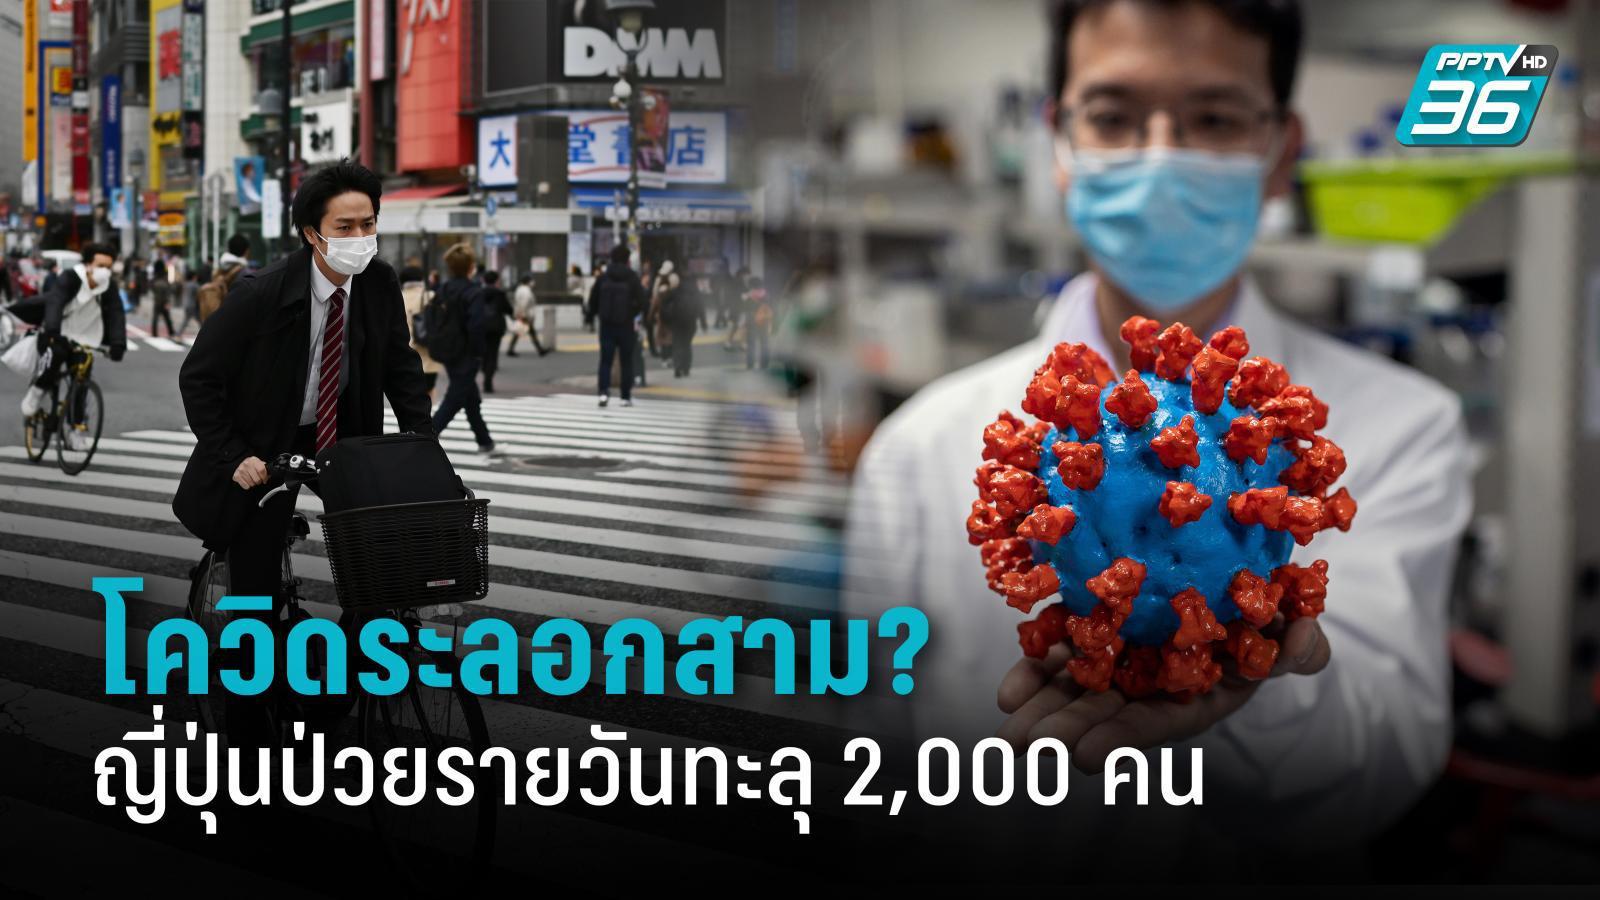 โควิดระลอกสาม? ญี่ปุ่นติดเชื้อรายวันทะลุ 2,000 คน